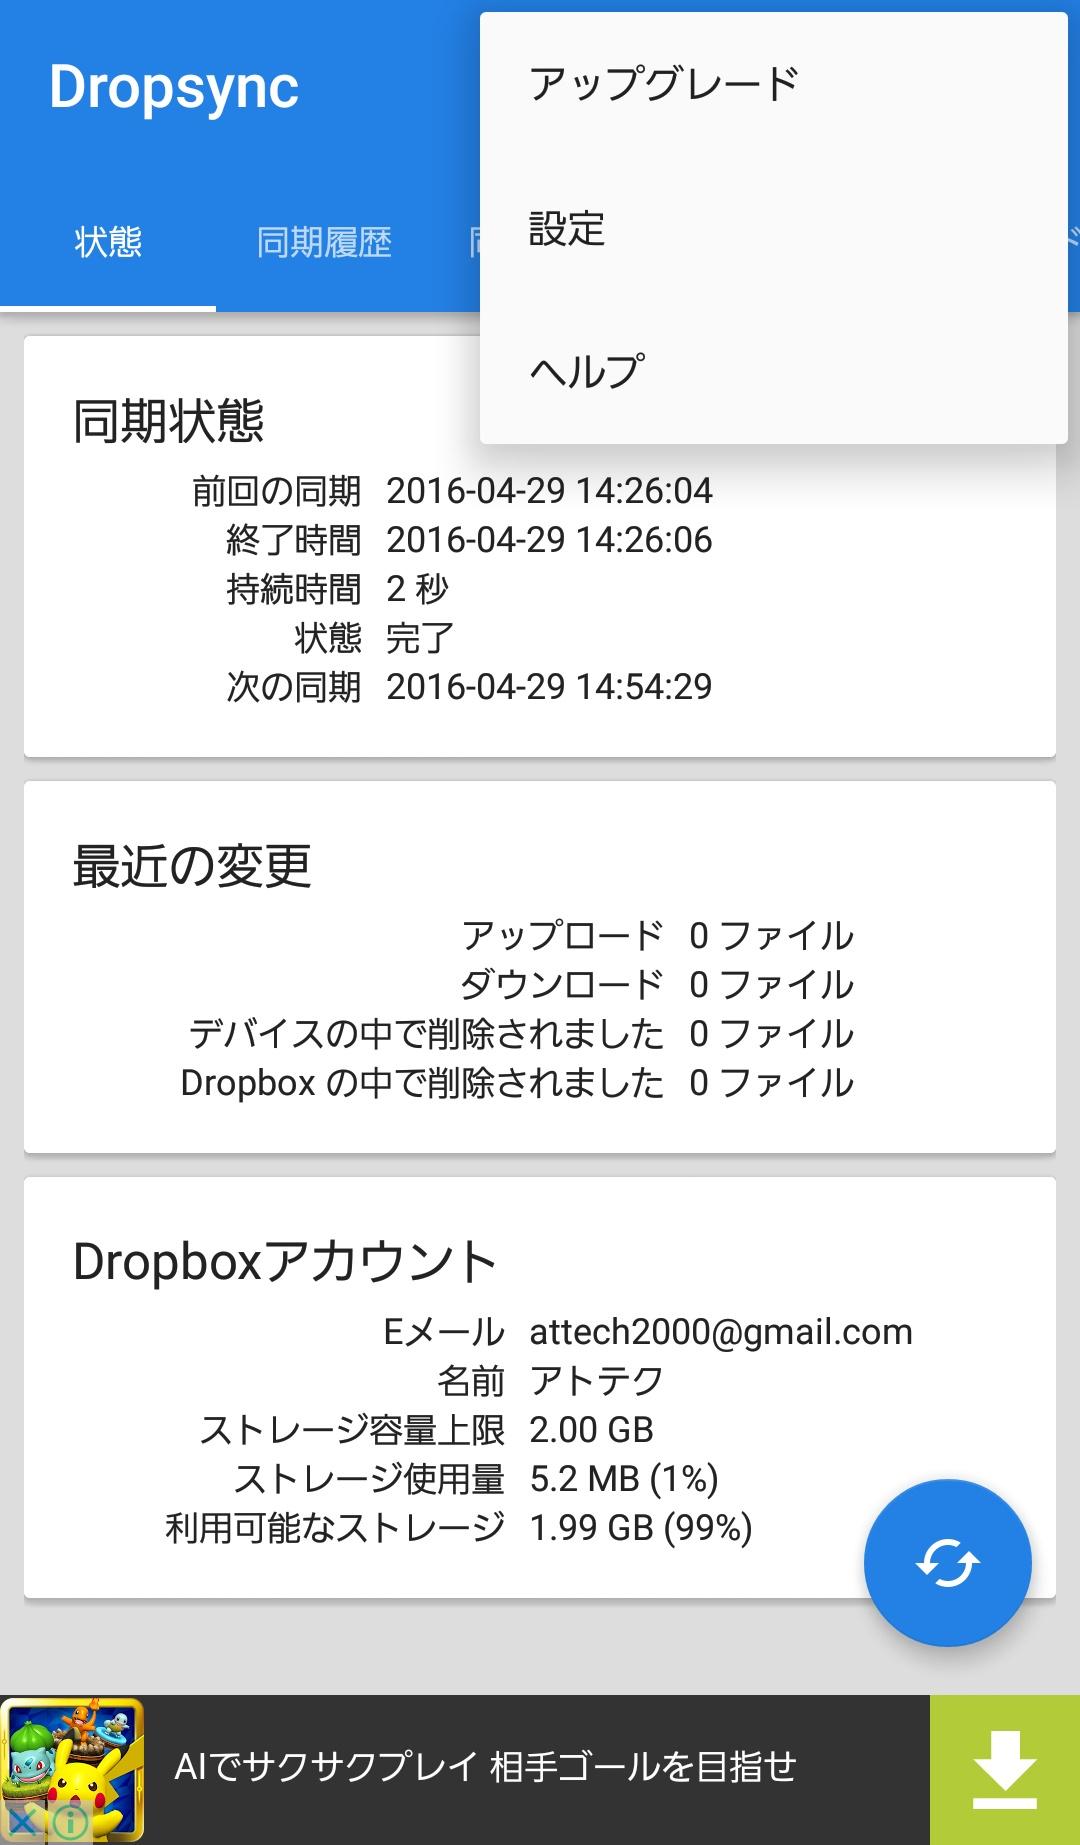 Dropsync7